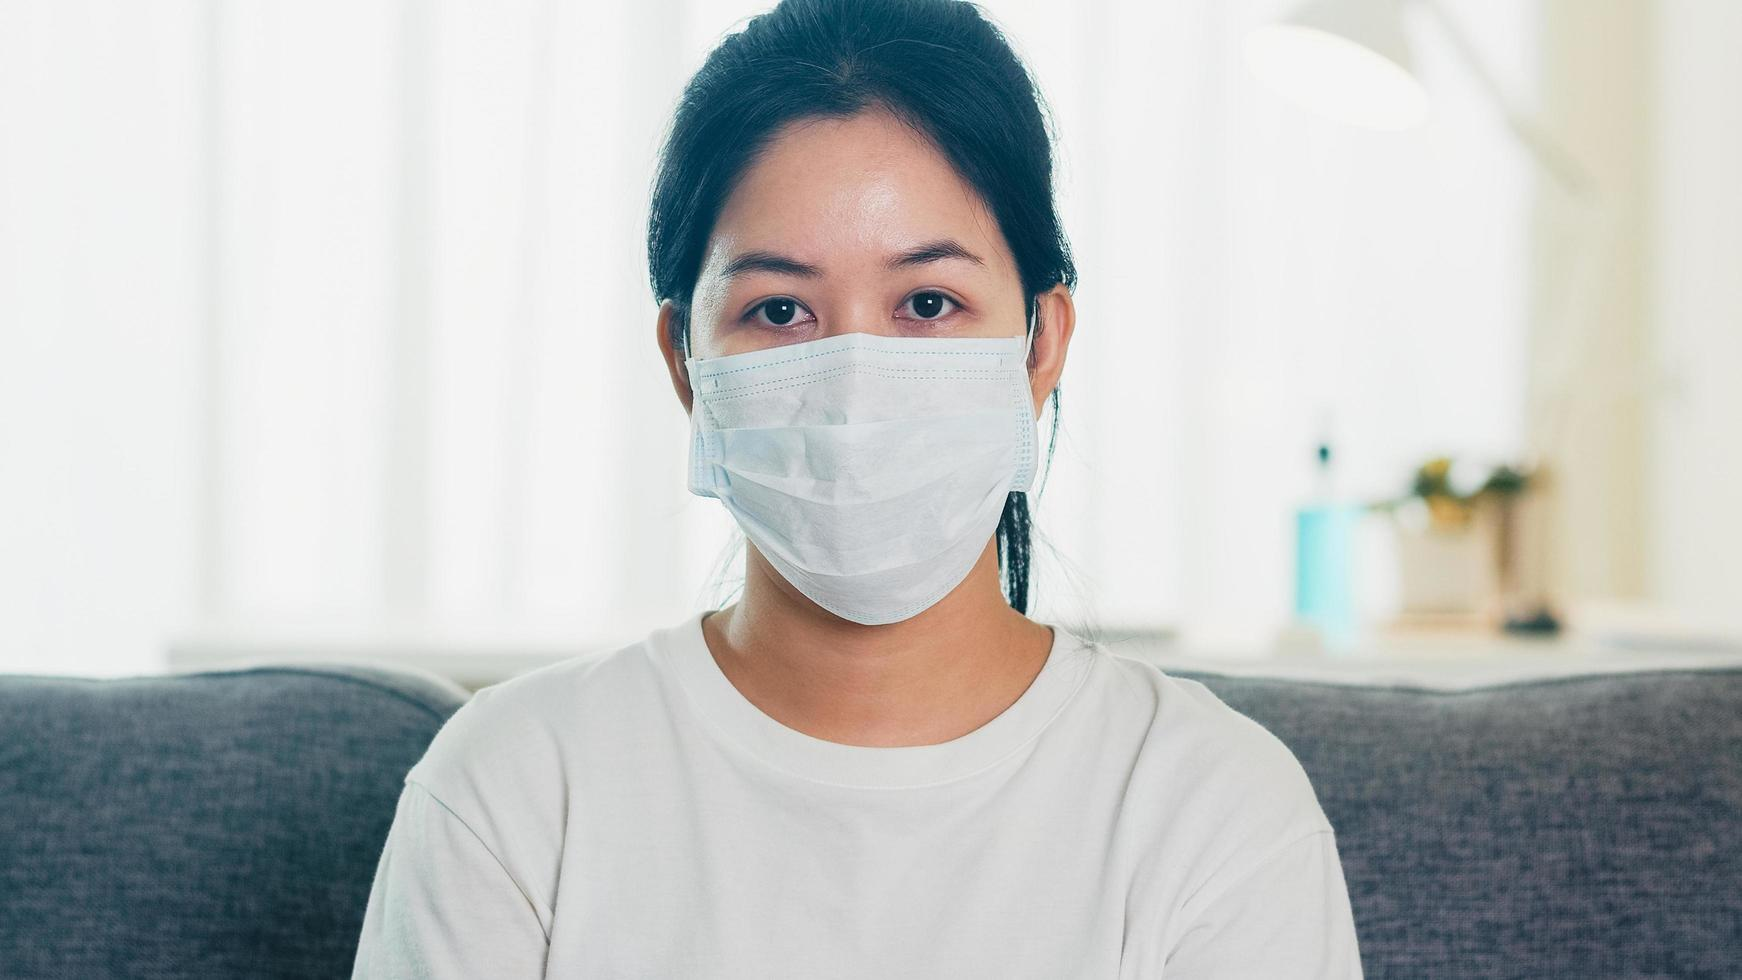 asiatisk kvinna som bär skyddsmasker som sitter på soffan. foto